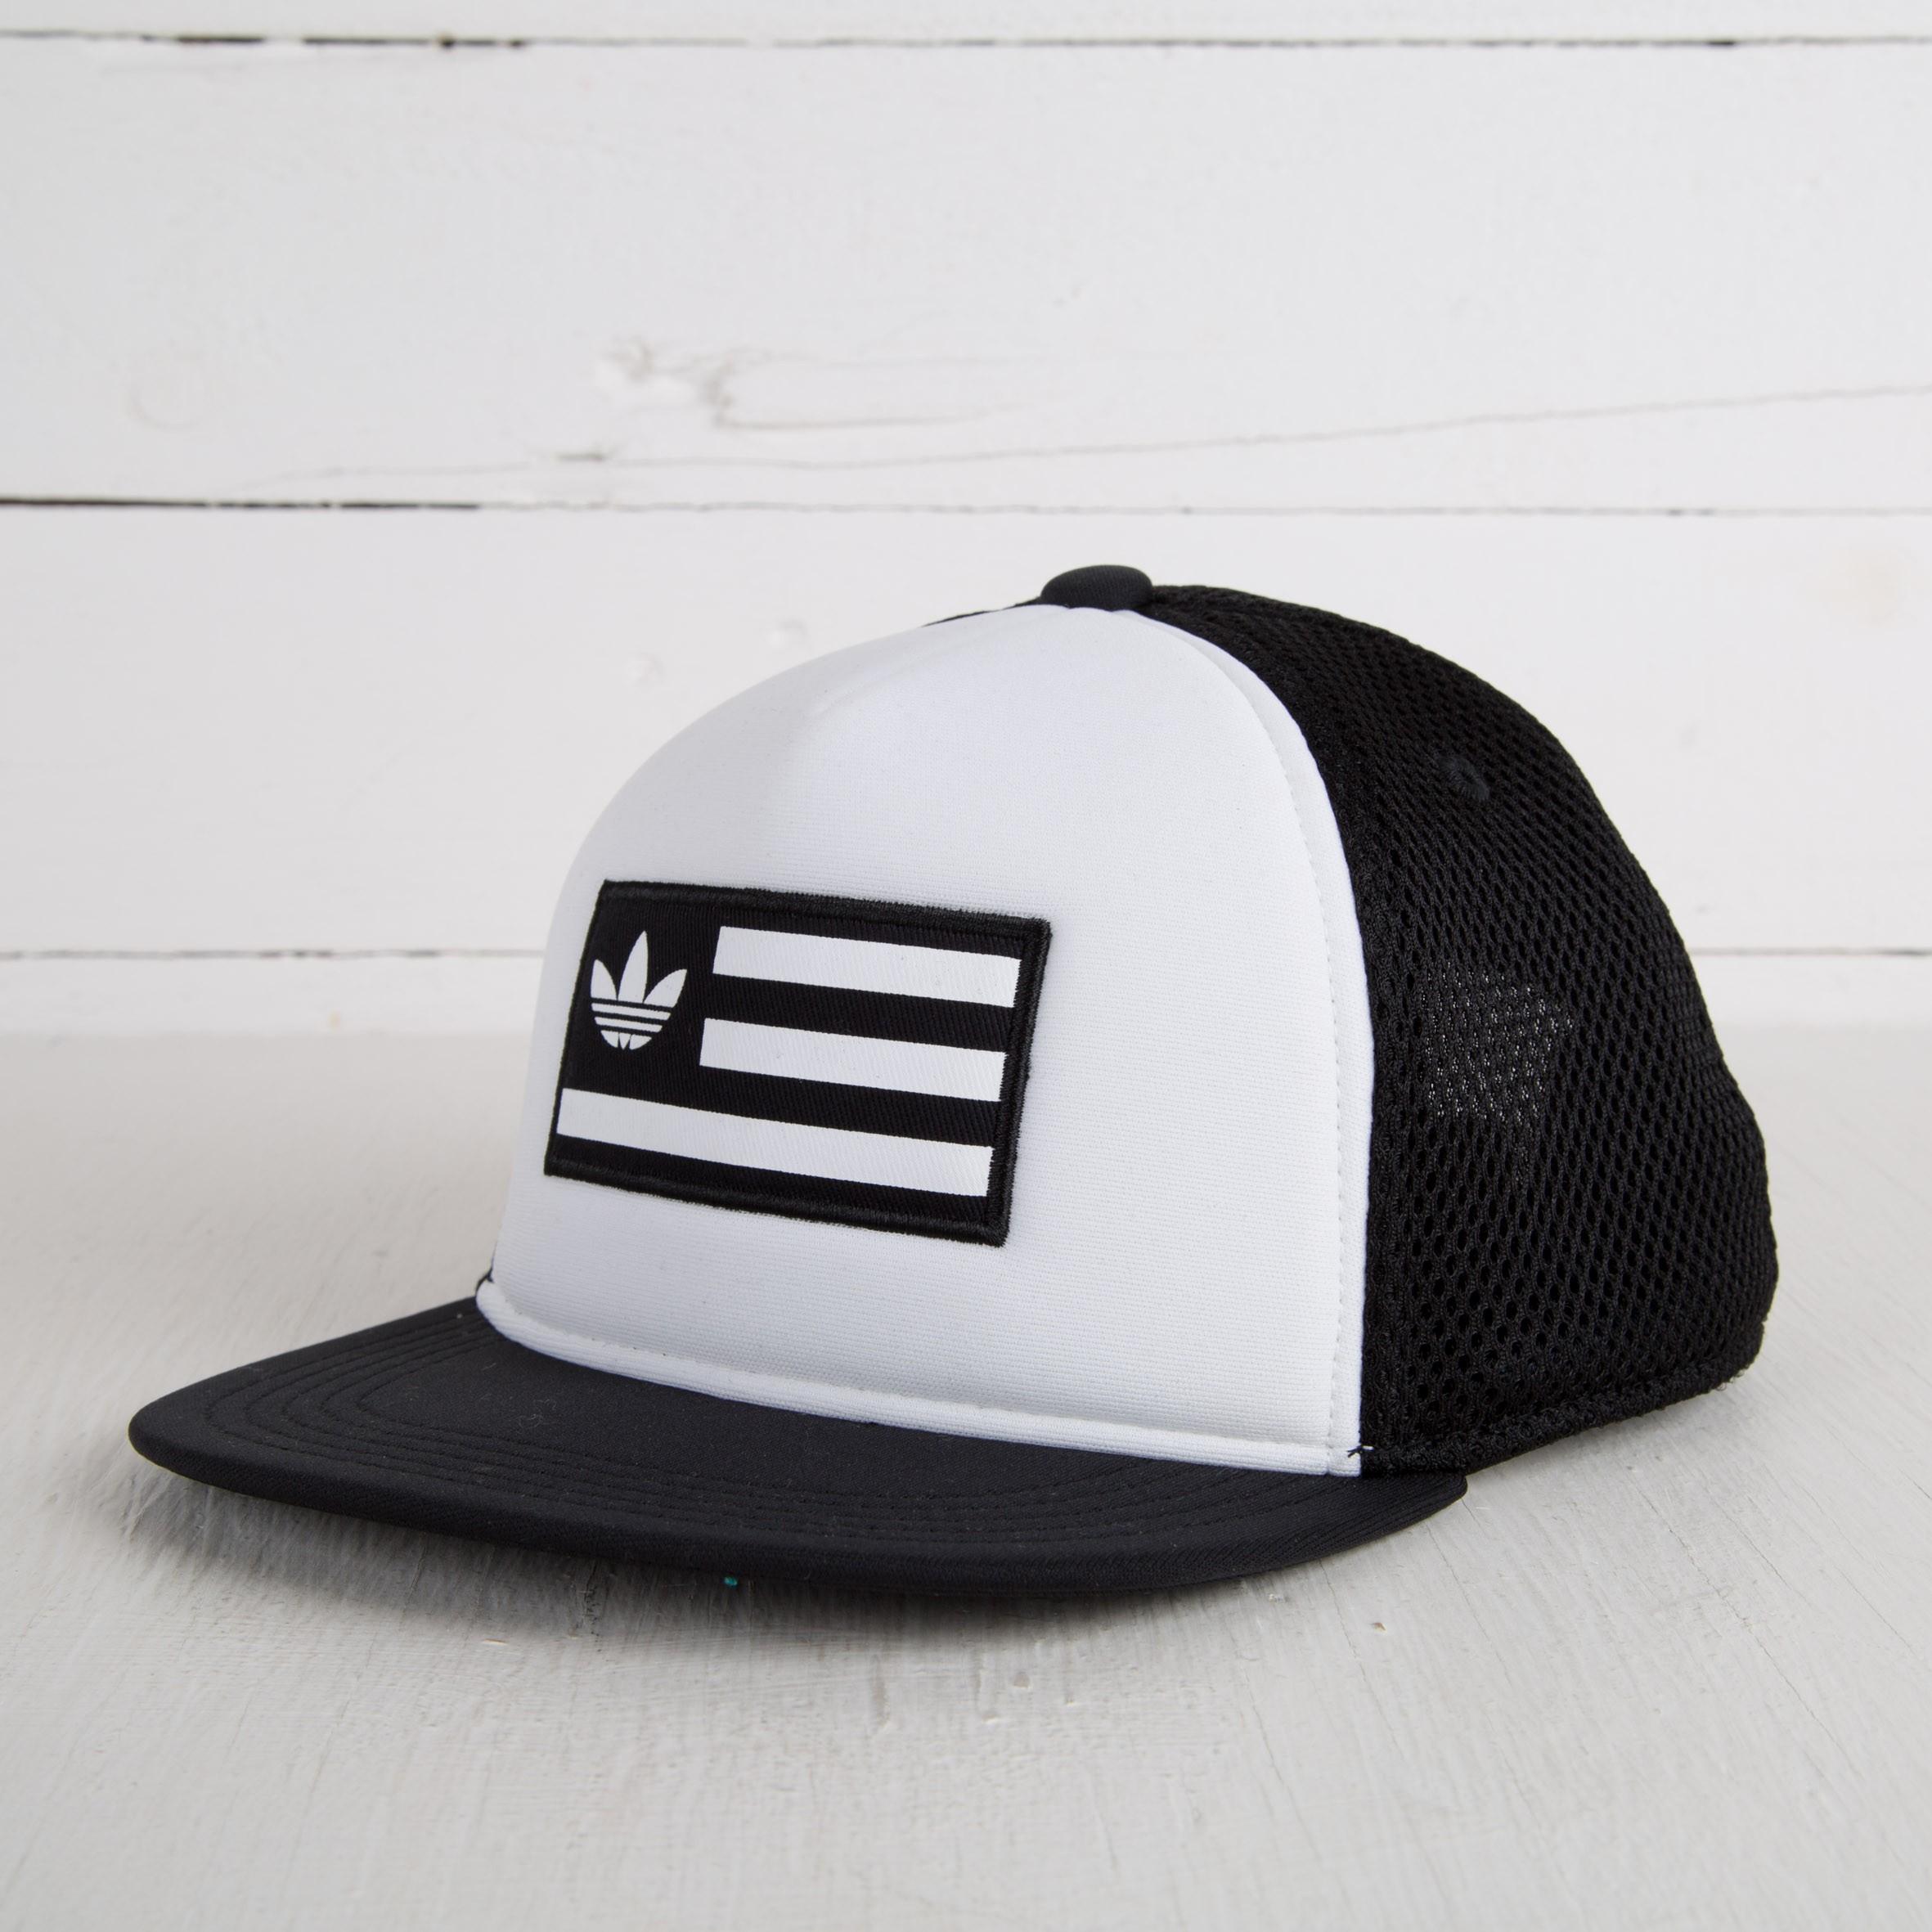 54f41dd0e9f0c adidas Trucker Cap B W Black  White